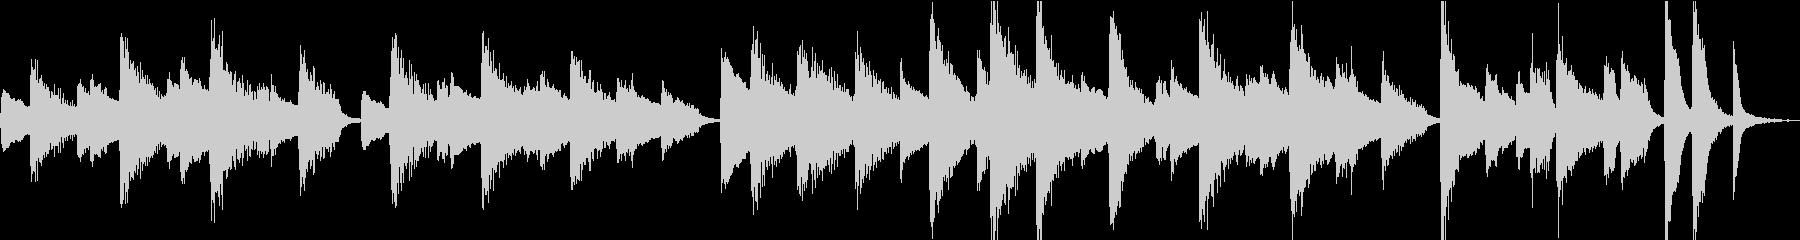 【しっとり系】30秒ピアノソロ【ループ】の未再生の波形